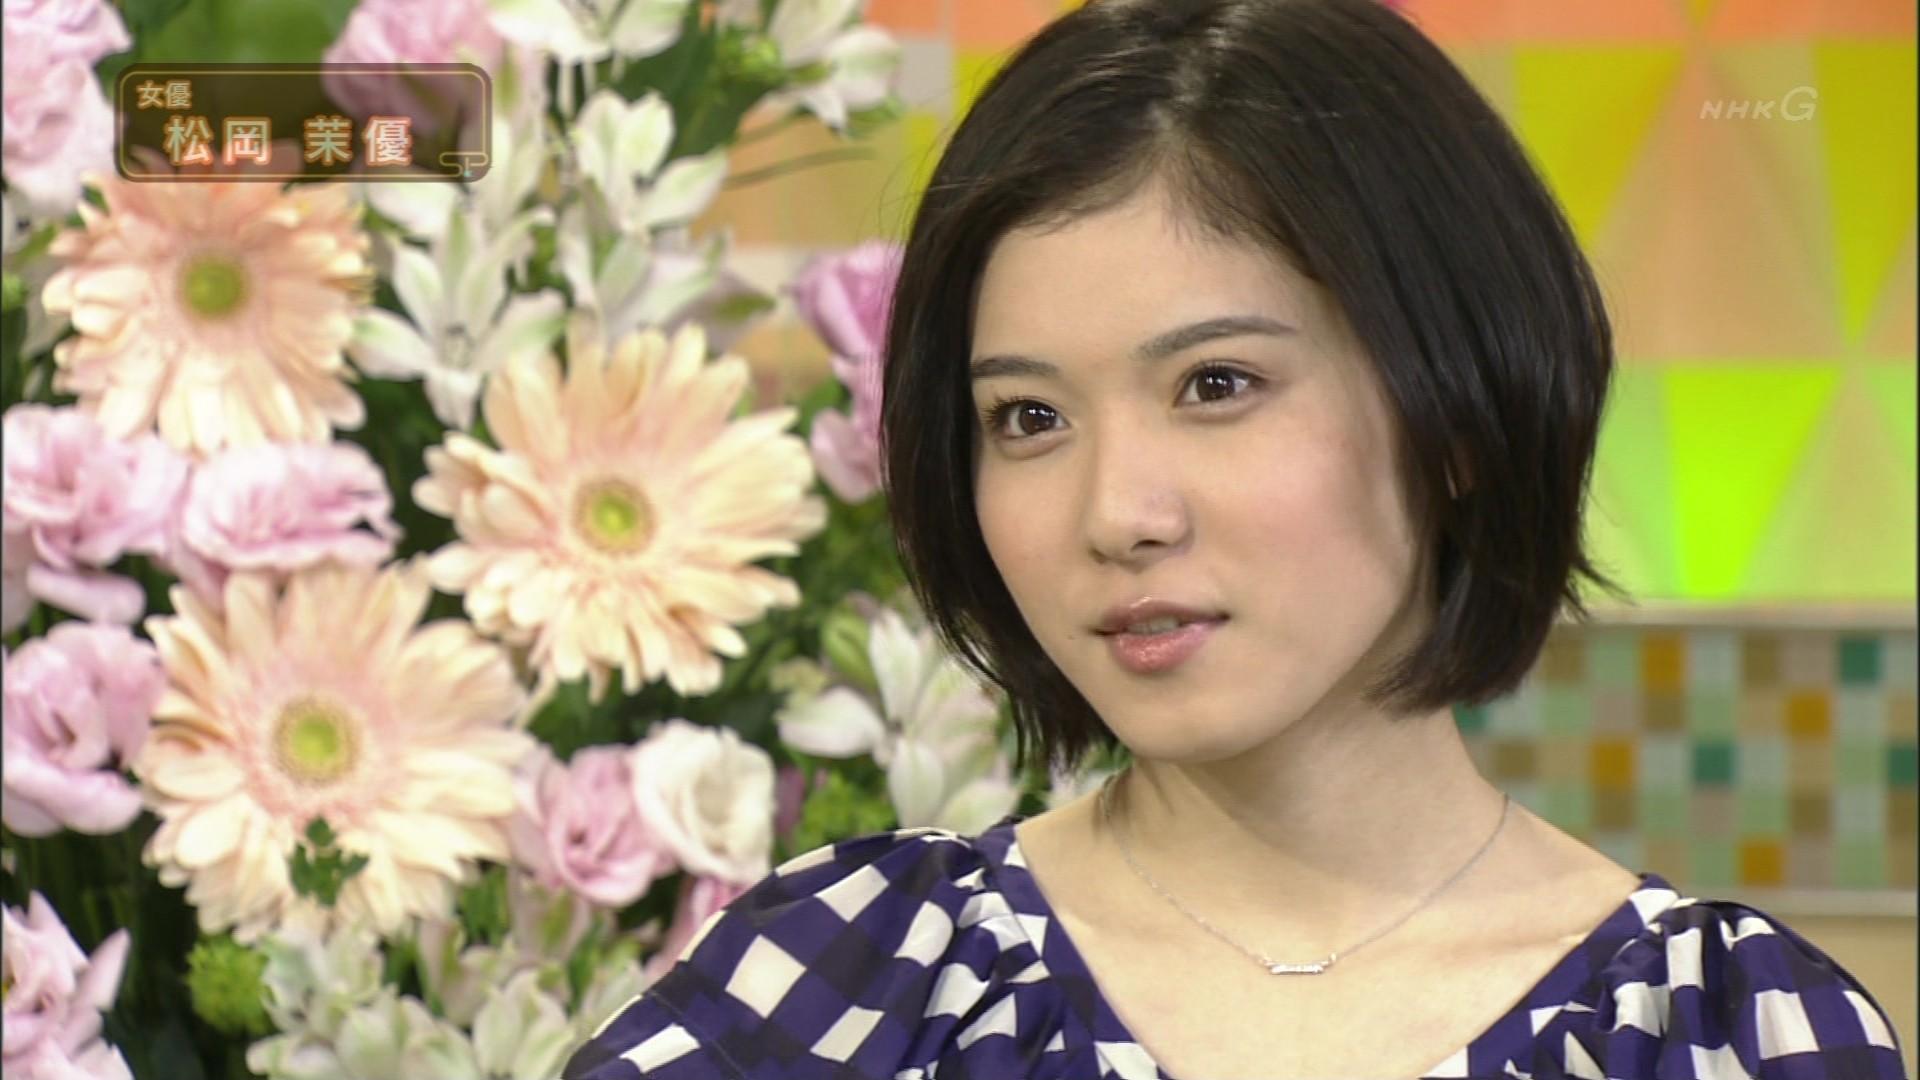 テレビ番組にゲストとして出演する松岡茉優